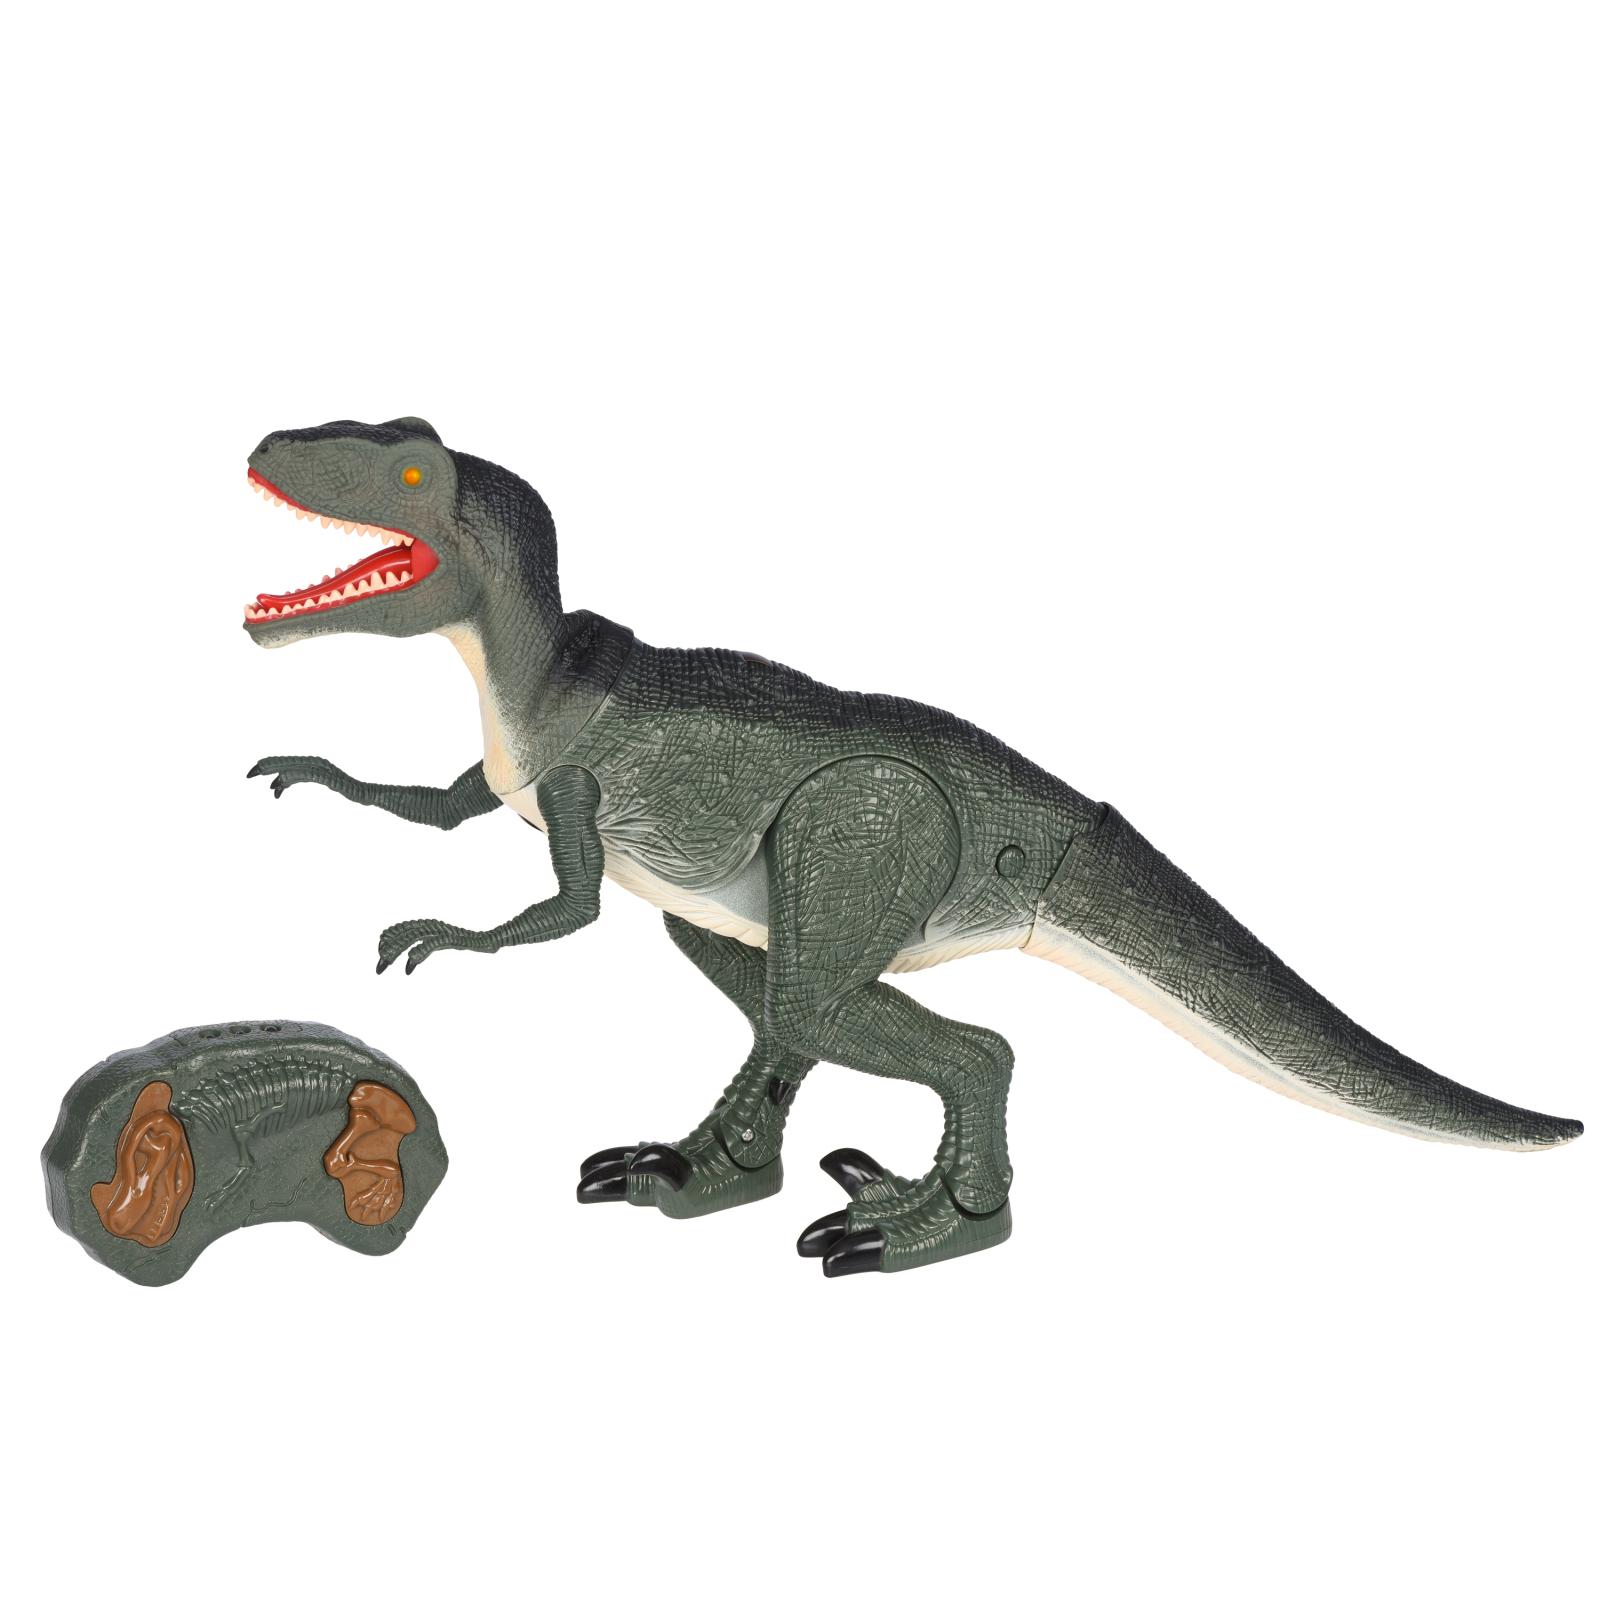 Интерактивная игрушка Same Toy Динозавр Dinosaur World зеленый со светом звуком (RS6124Ut)